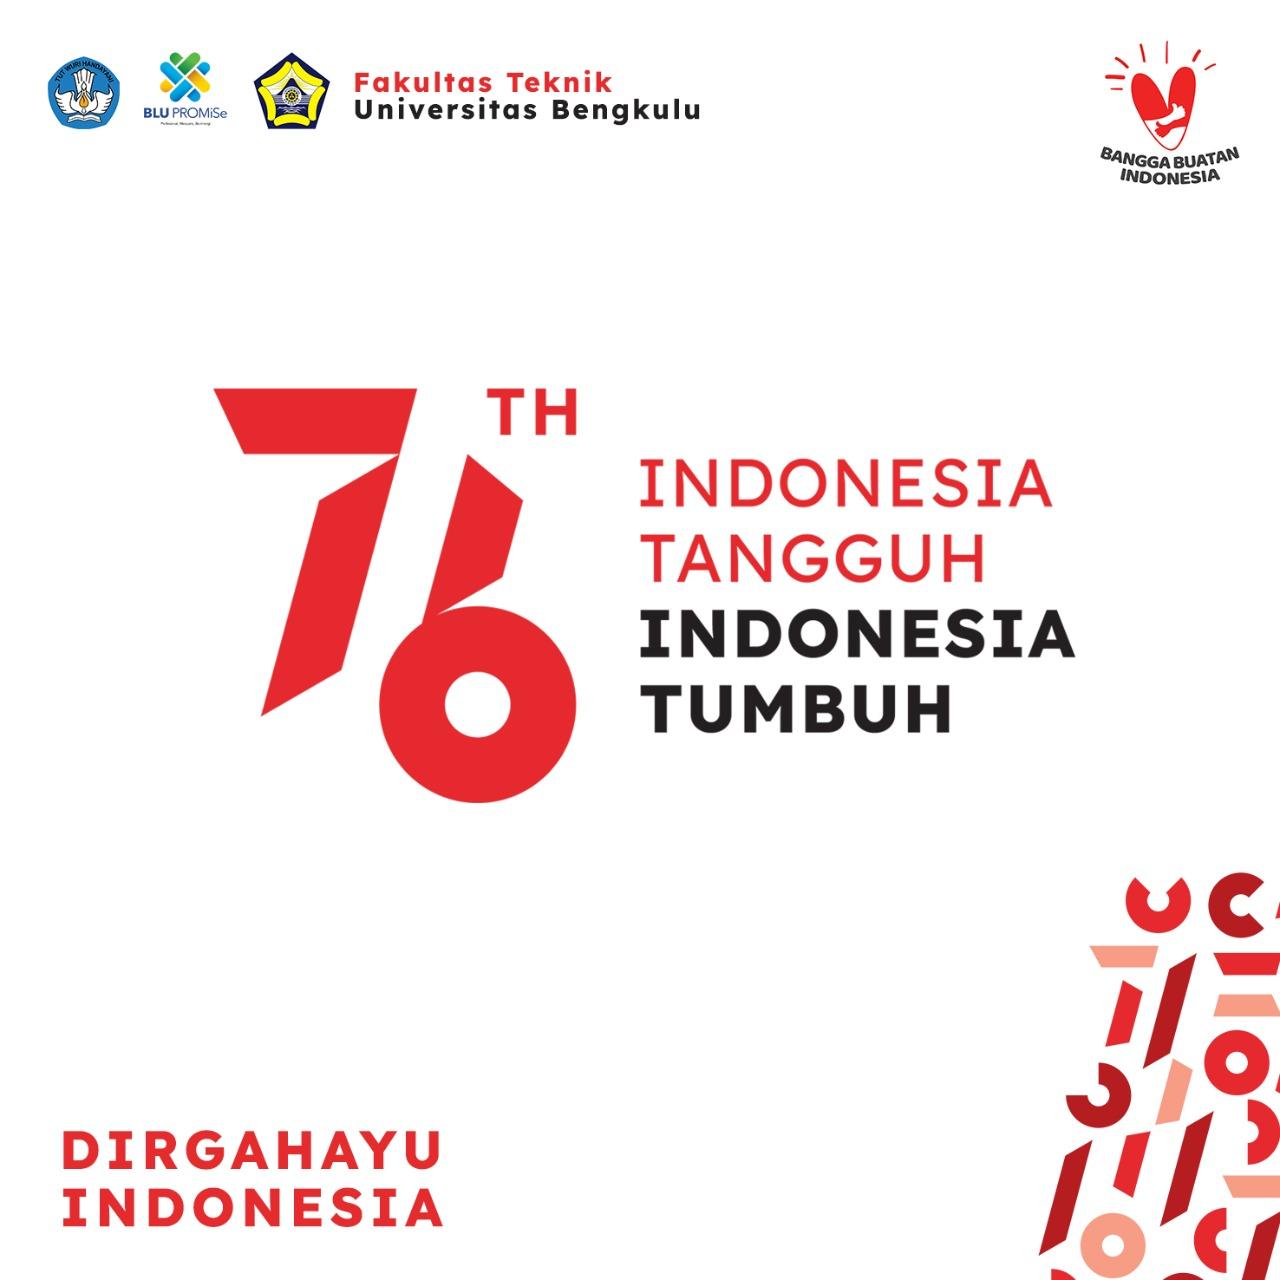 Civitas Akademika Fakultas Teknik Universitas Bengkulu Mengucapkan Selamat Hari Kemerdekaan RI ke-76.